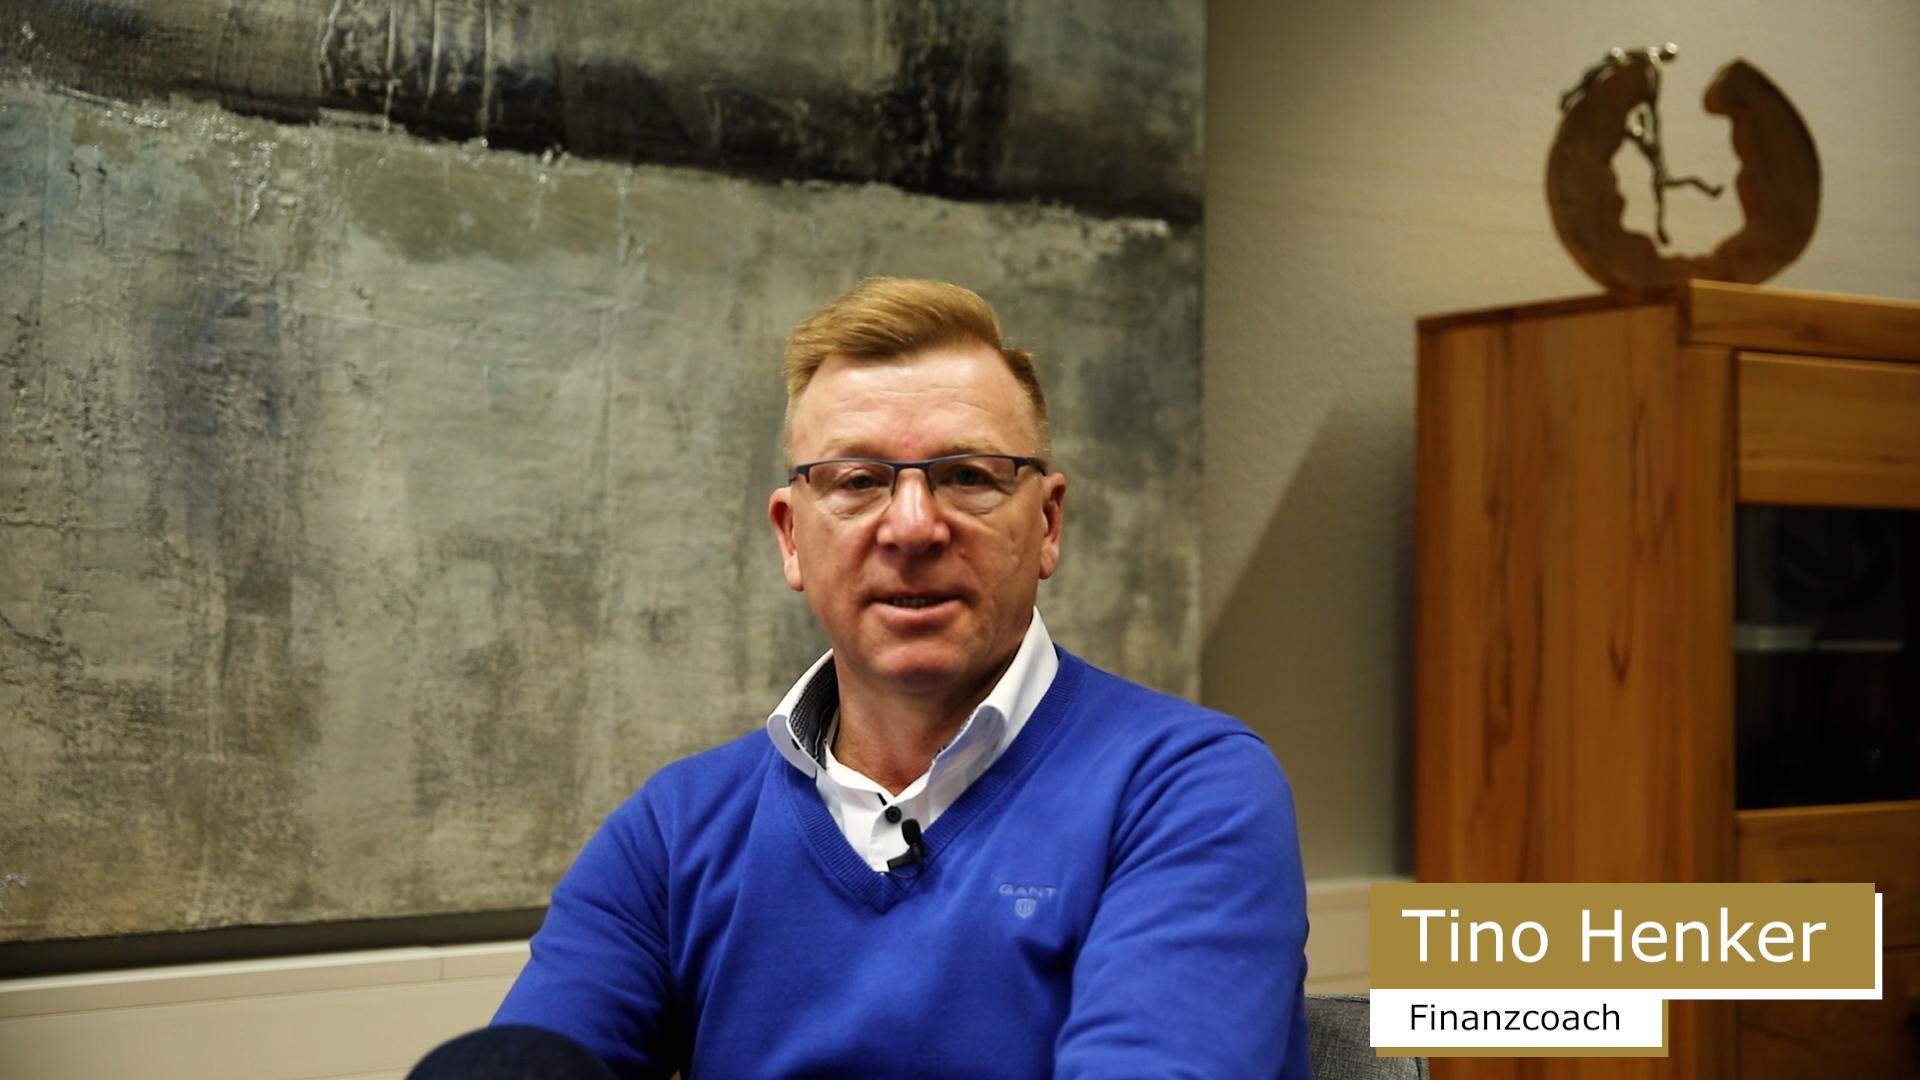 Finanzcoach Tino Henker stellt sich vor.